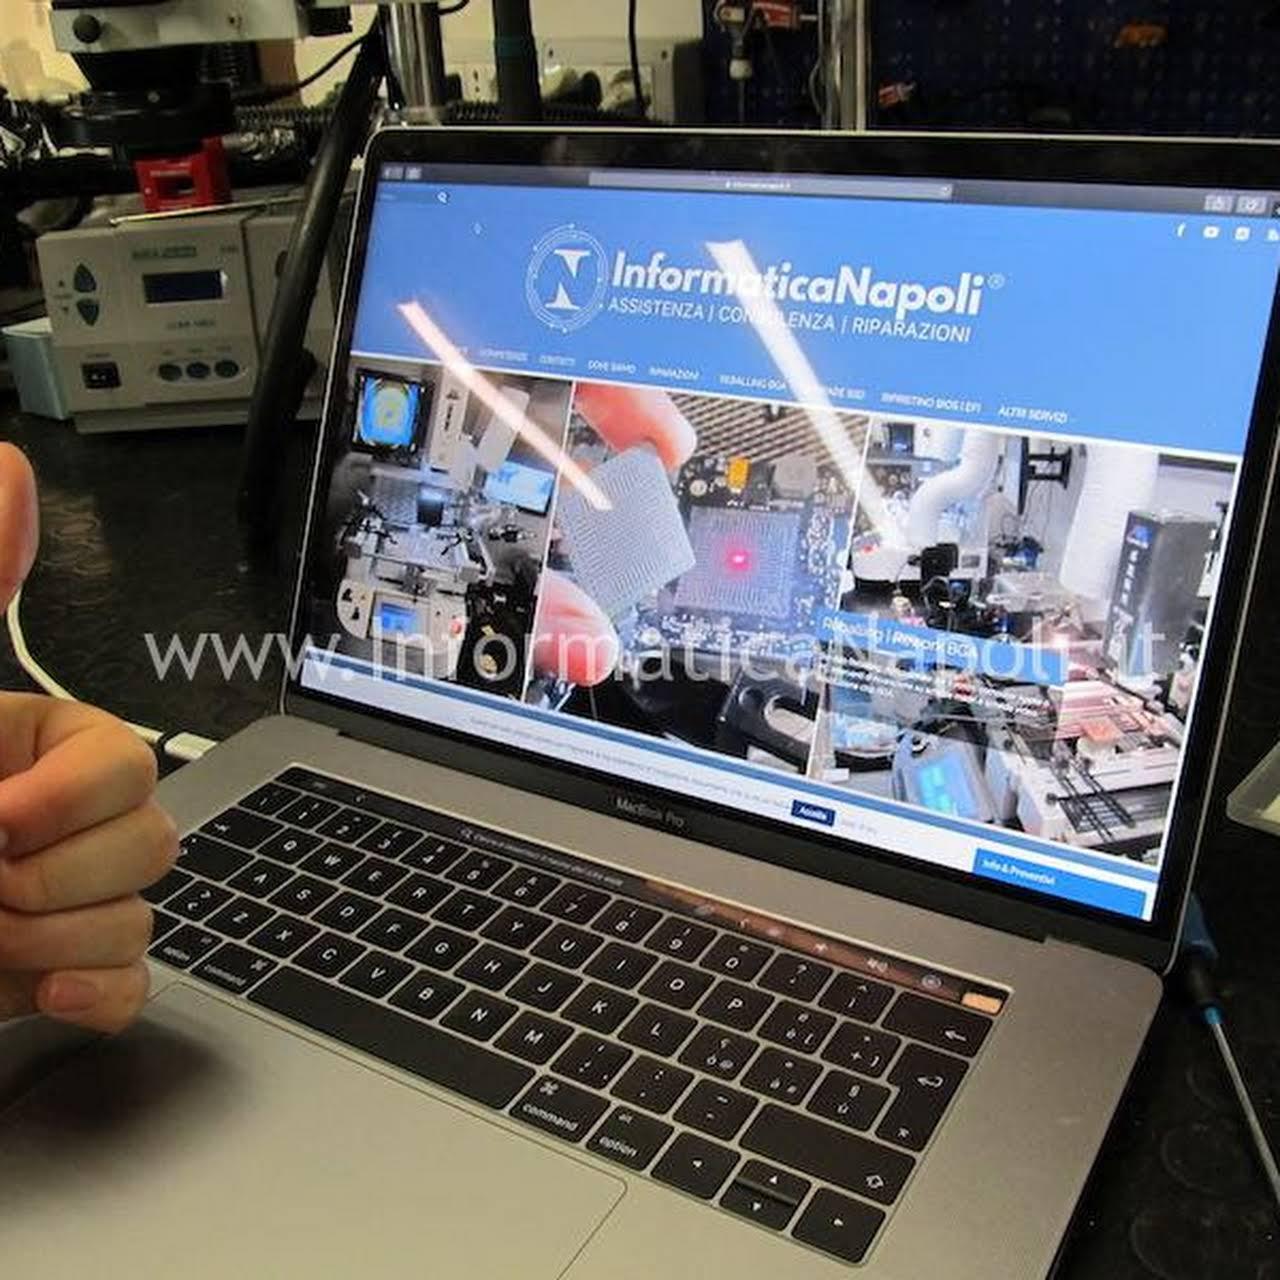 Assistenza Informatica Napoli.Informaticanapoli Reballing Rework Assistenza Apple Mac